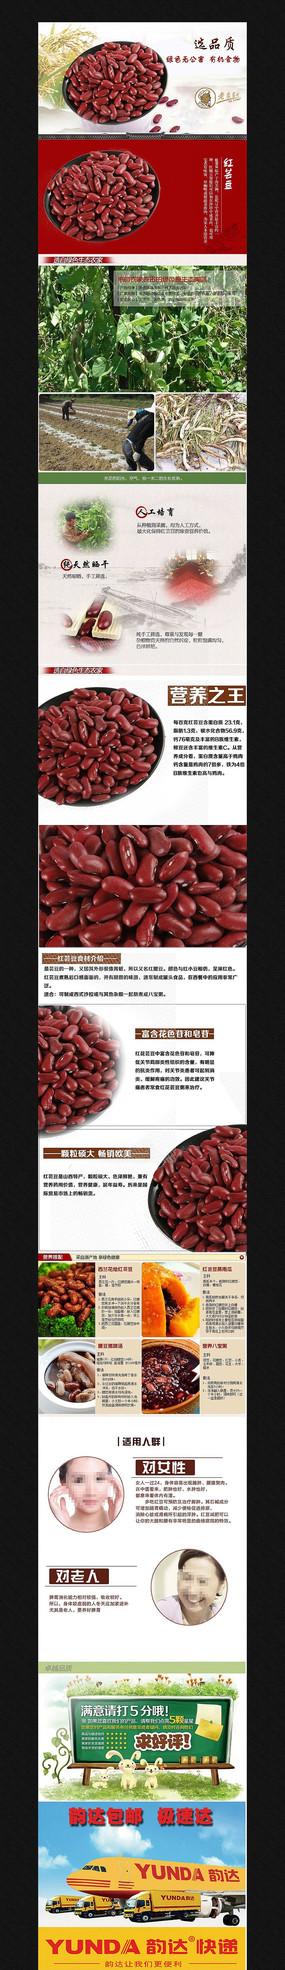 淘宝红芸豆详情页描述图设计 PSD